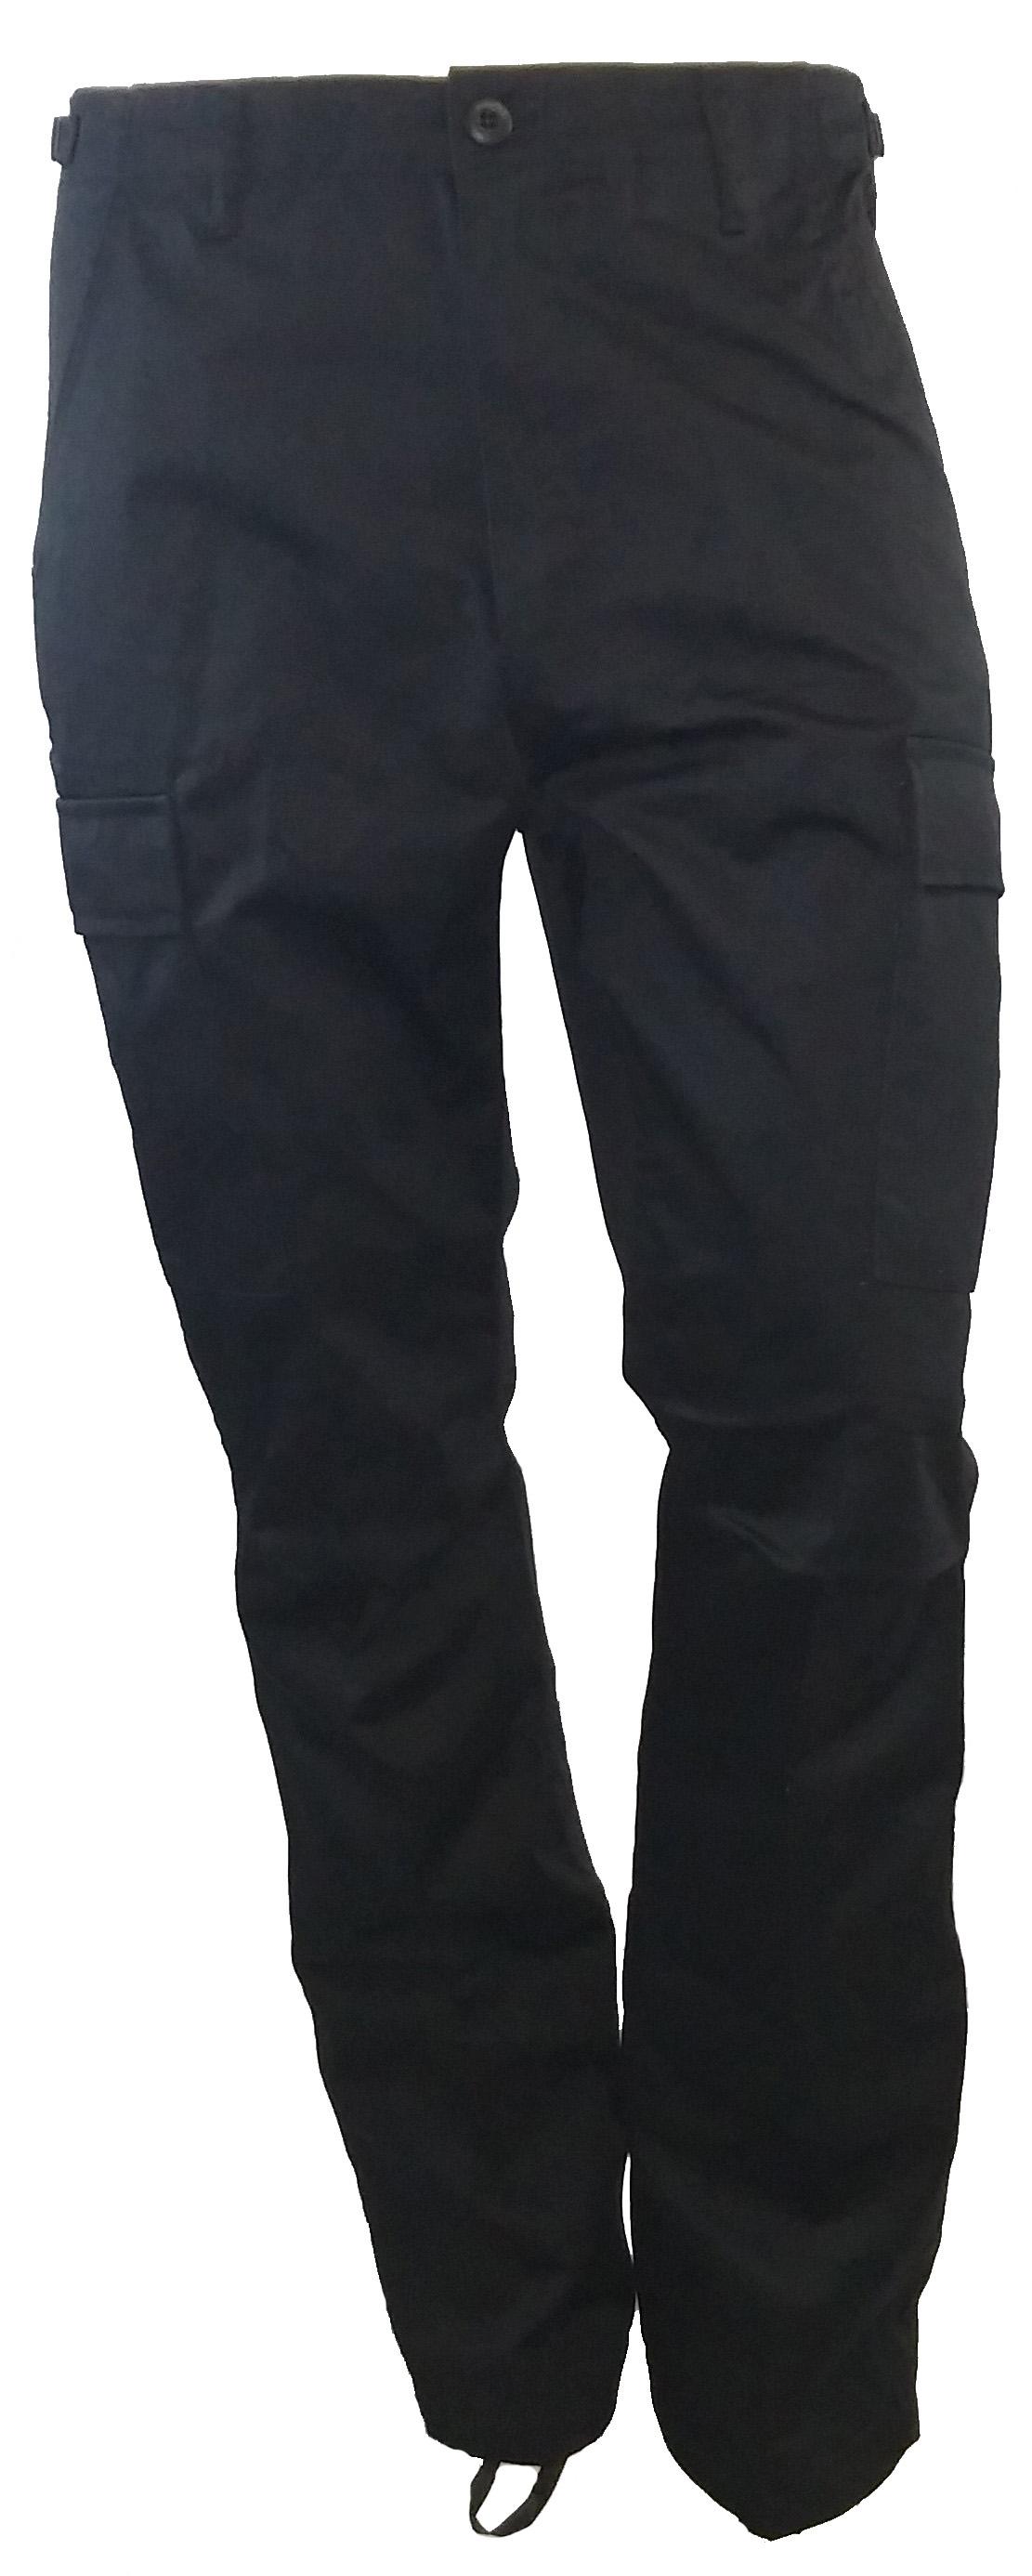 BDU army style black pants